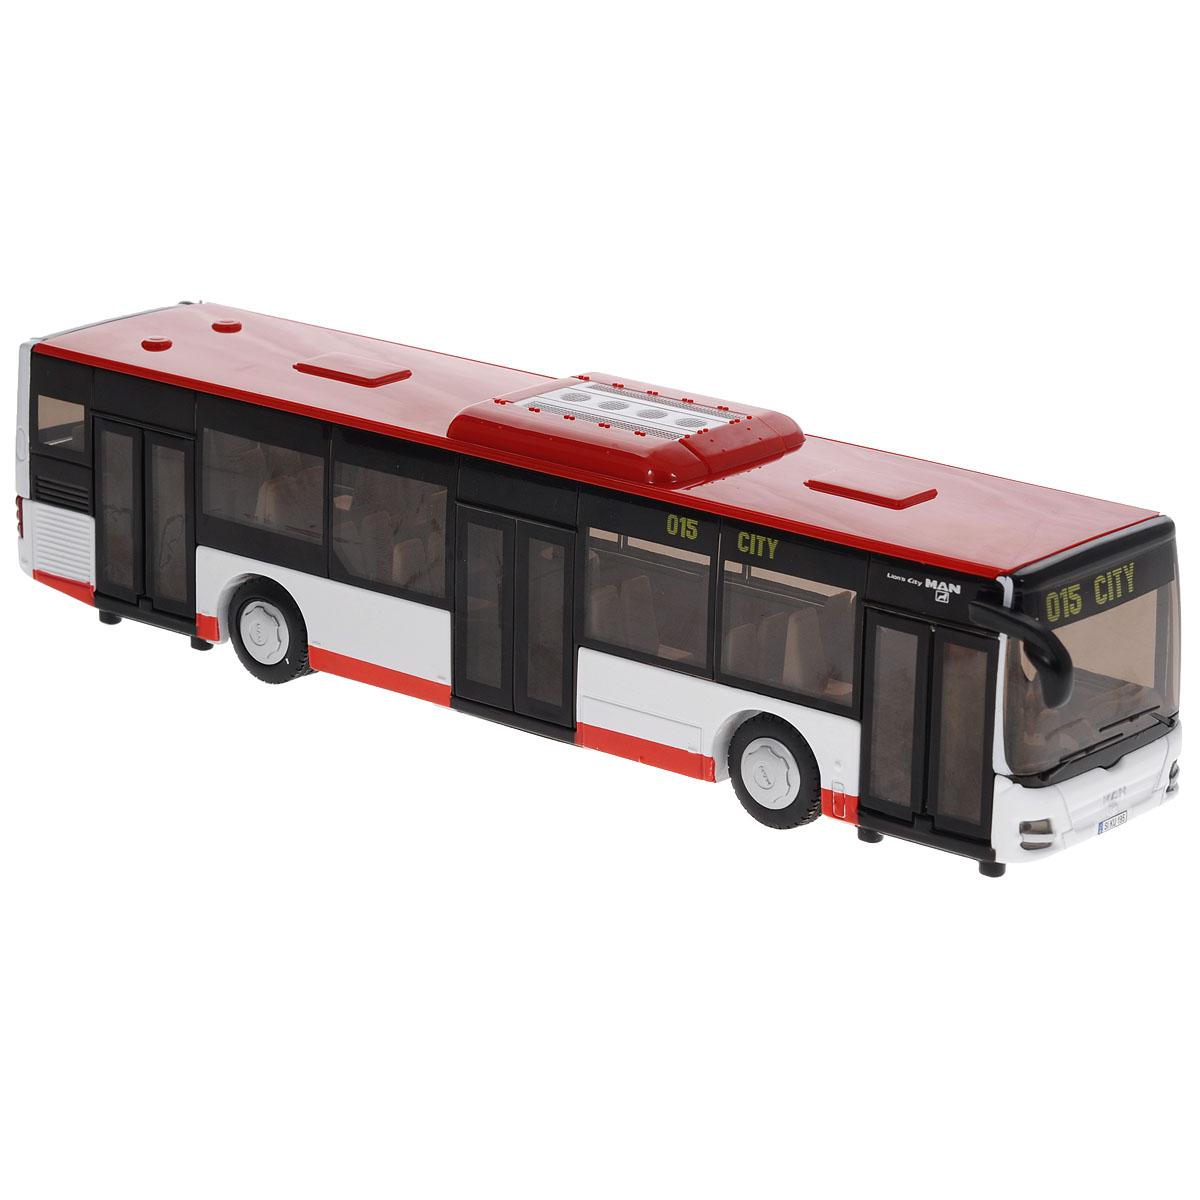 Siku Автобус городской MAN Lions City3734Коллекционная модель Siku Автобус городской выполнена в виде точной копии городского автобуса Man Lions City в масштабе 1/50. Такая модель понравится не только ребенку, но и взрослому коллекционеру, и приятно удивит вас высочайшим качеством исполнения. Модель выполнена из металла с элементами из пластика; прорезиненные колеса крутятся. Открываются пассажирские двери и крышка моторного отсека. Коллекционная модель станет не только интересной игрушкой для ребенка, но и займет достойное место в коллекции. Порадуйте его таким замечательным подарком!